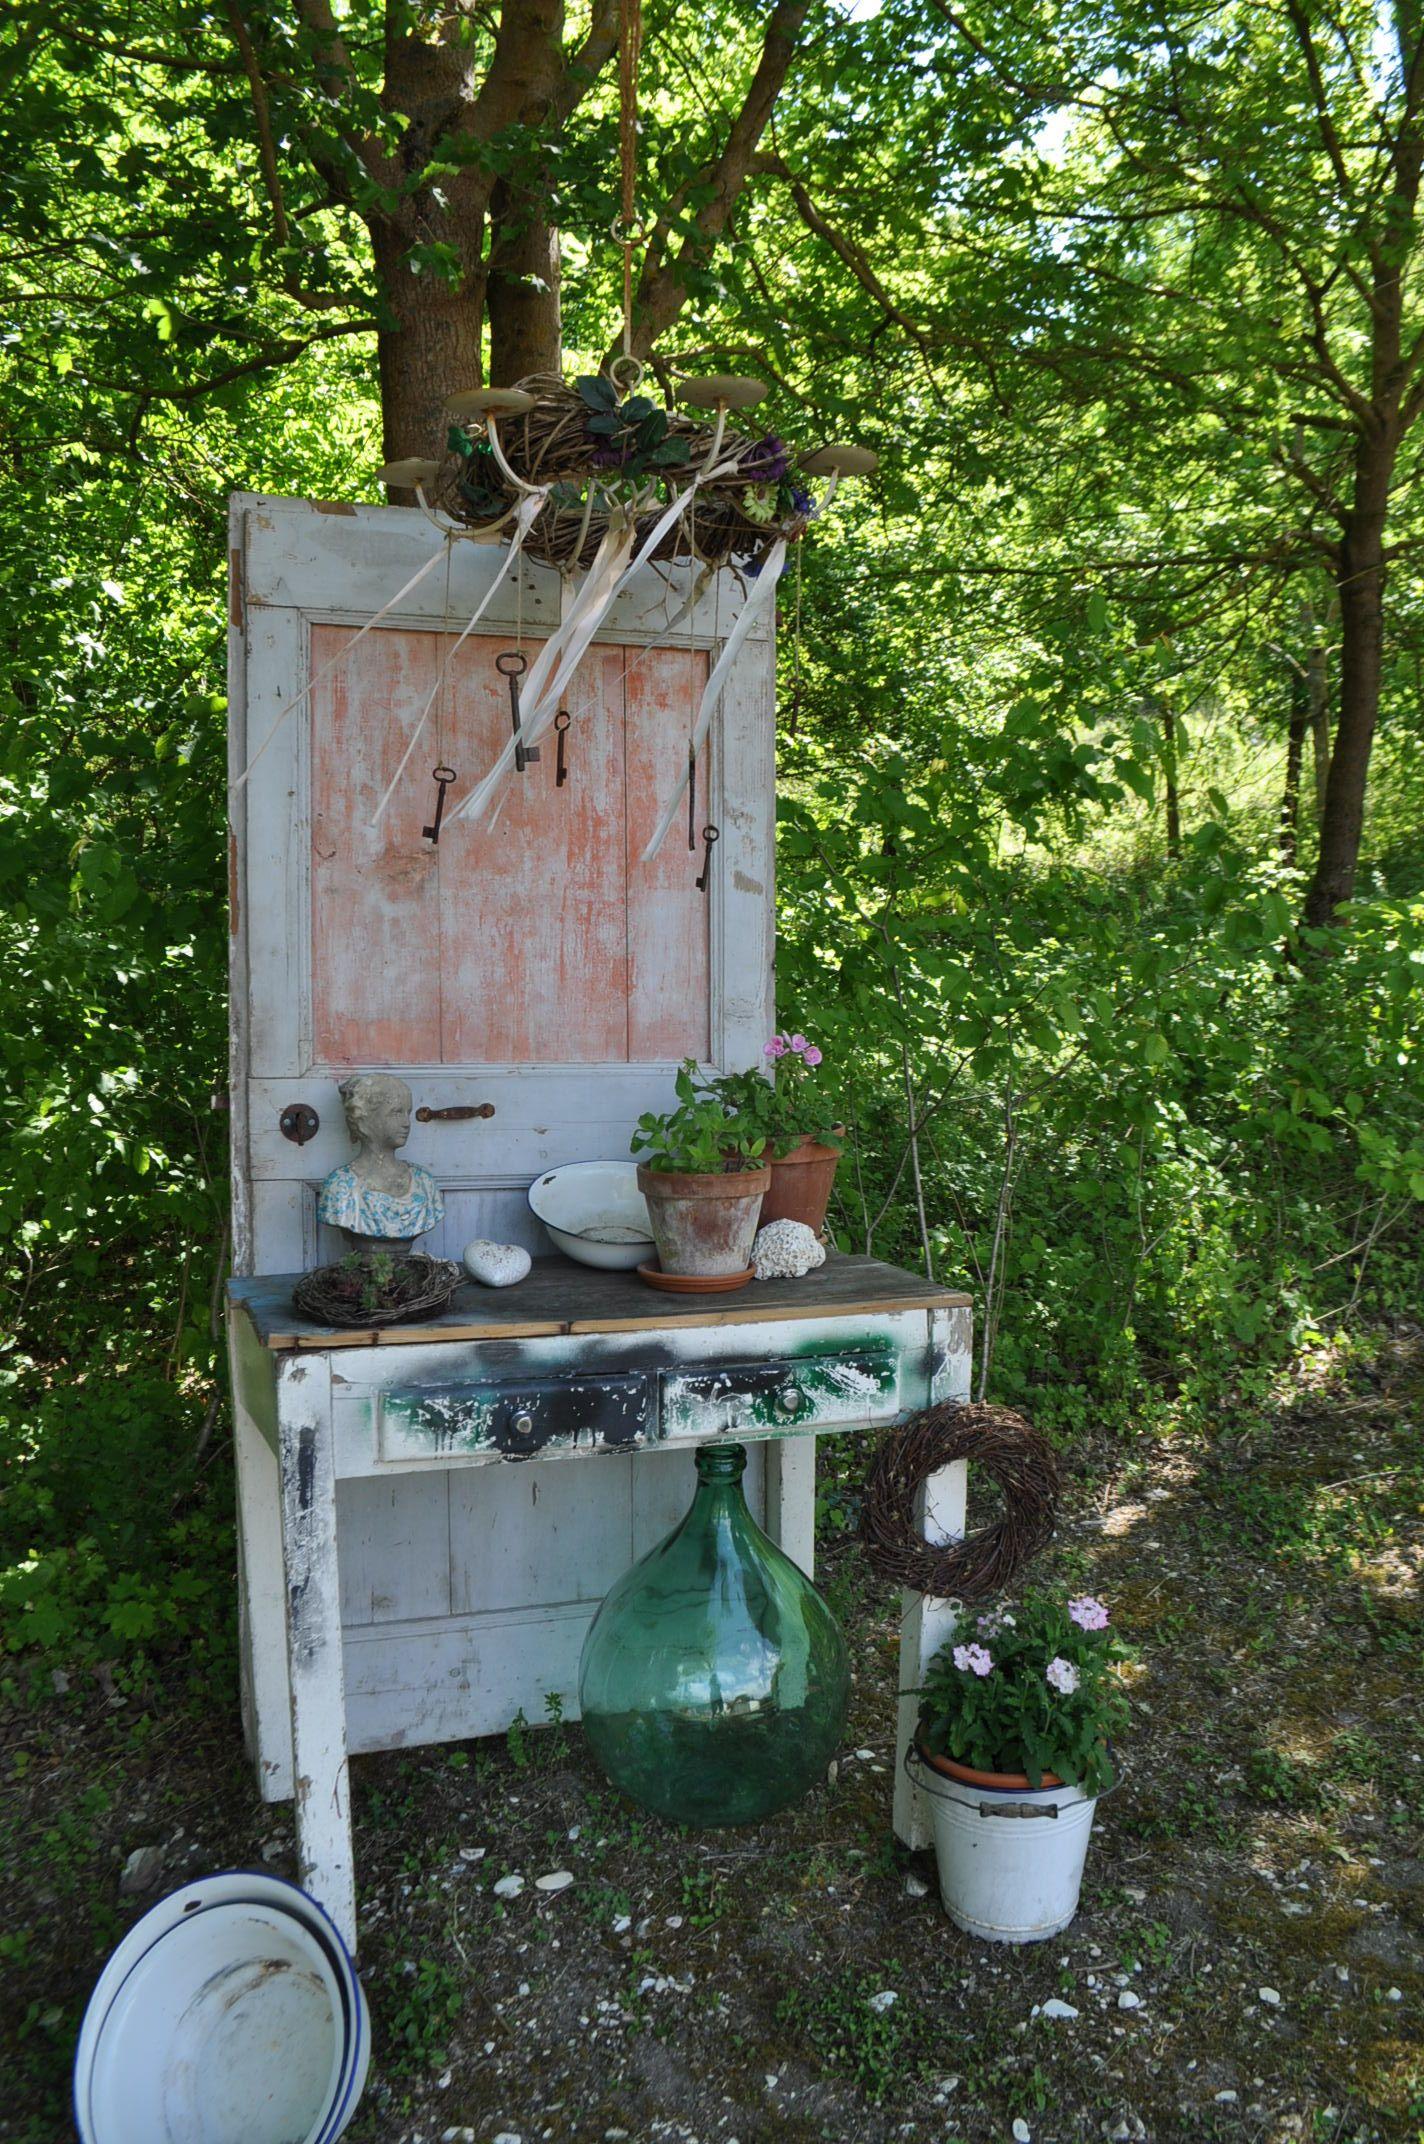 Fantastisch Gartendeko: Alte Tür Steht Im Garten Vom Casa Valrea Ferienhaus Am Fluss In  Italien.